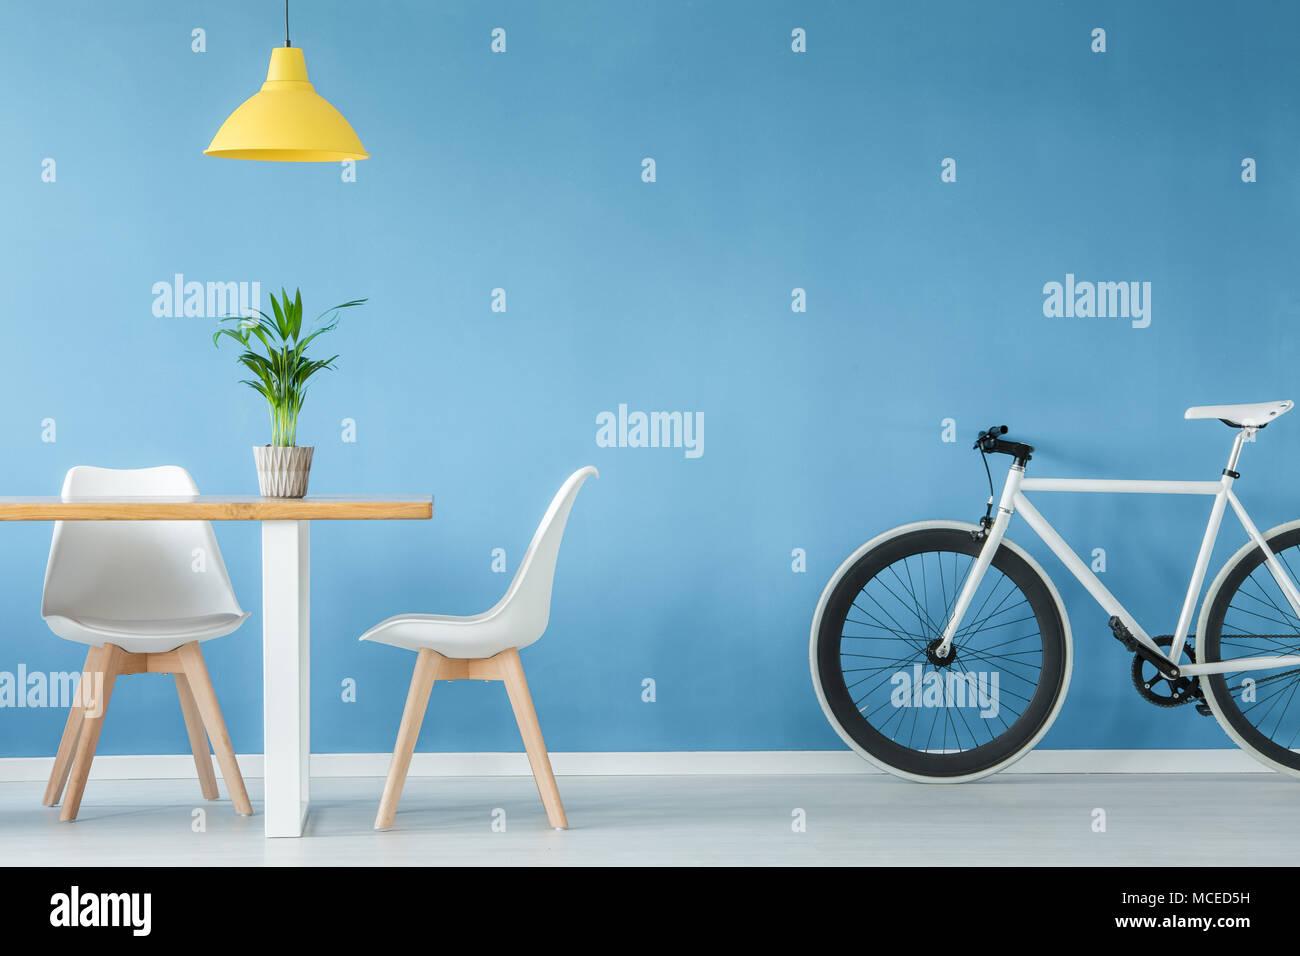 Interior moderno y minimalista con dos sillas, una bicicleta, una mesa con una fábrica y una lámpara amarilla arriba, contra la pared azul Imagen De Stock